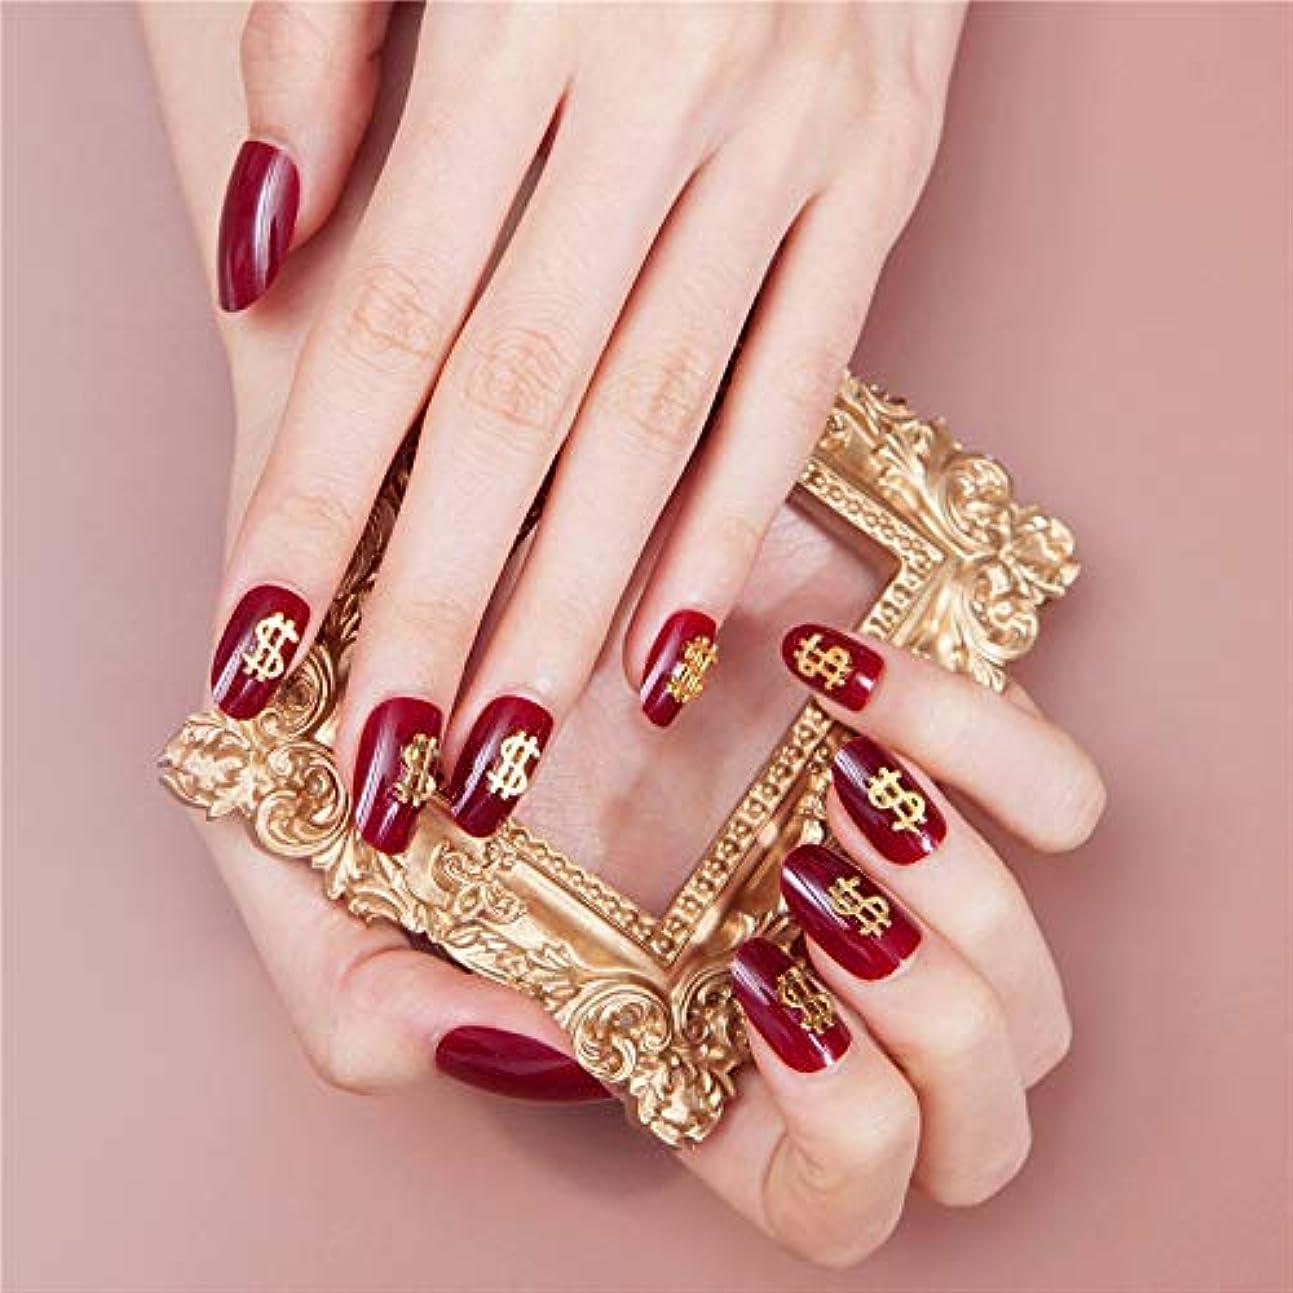 ペリスコープキャリッジスナッチinsで流行る付け爪 お花嫁用付け爪 ネイルチップ ドル記号の装飾 (あかい)